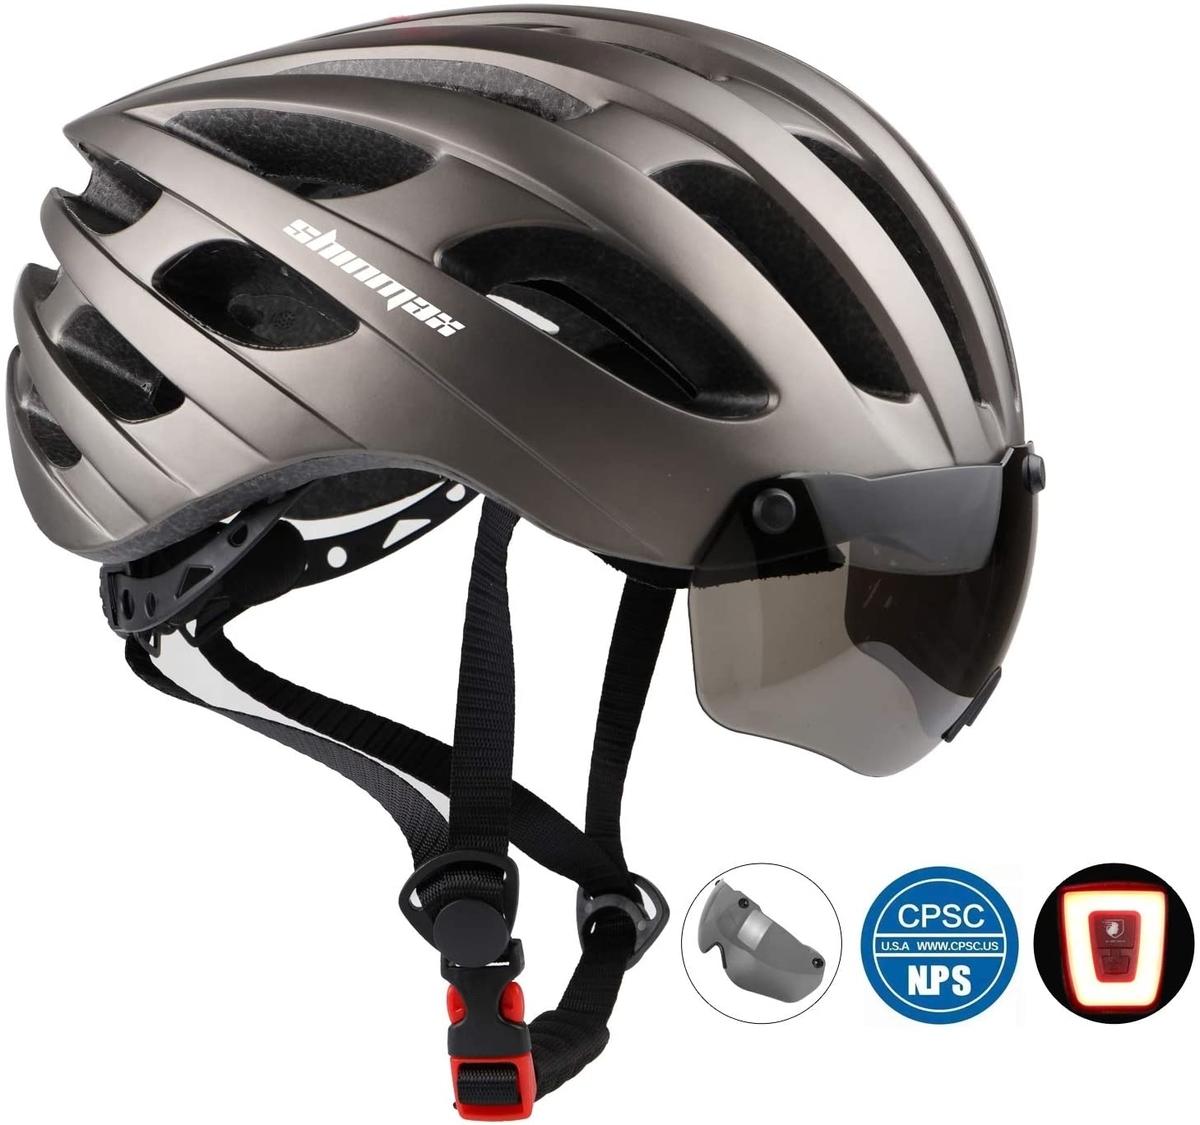 f:id:bikecamper:20200902212814j:plain